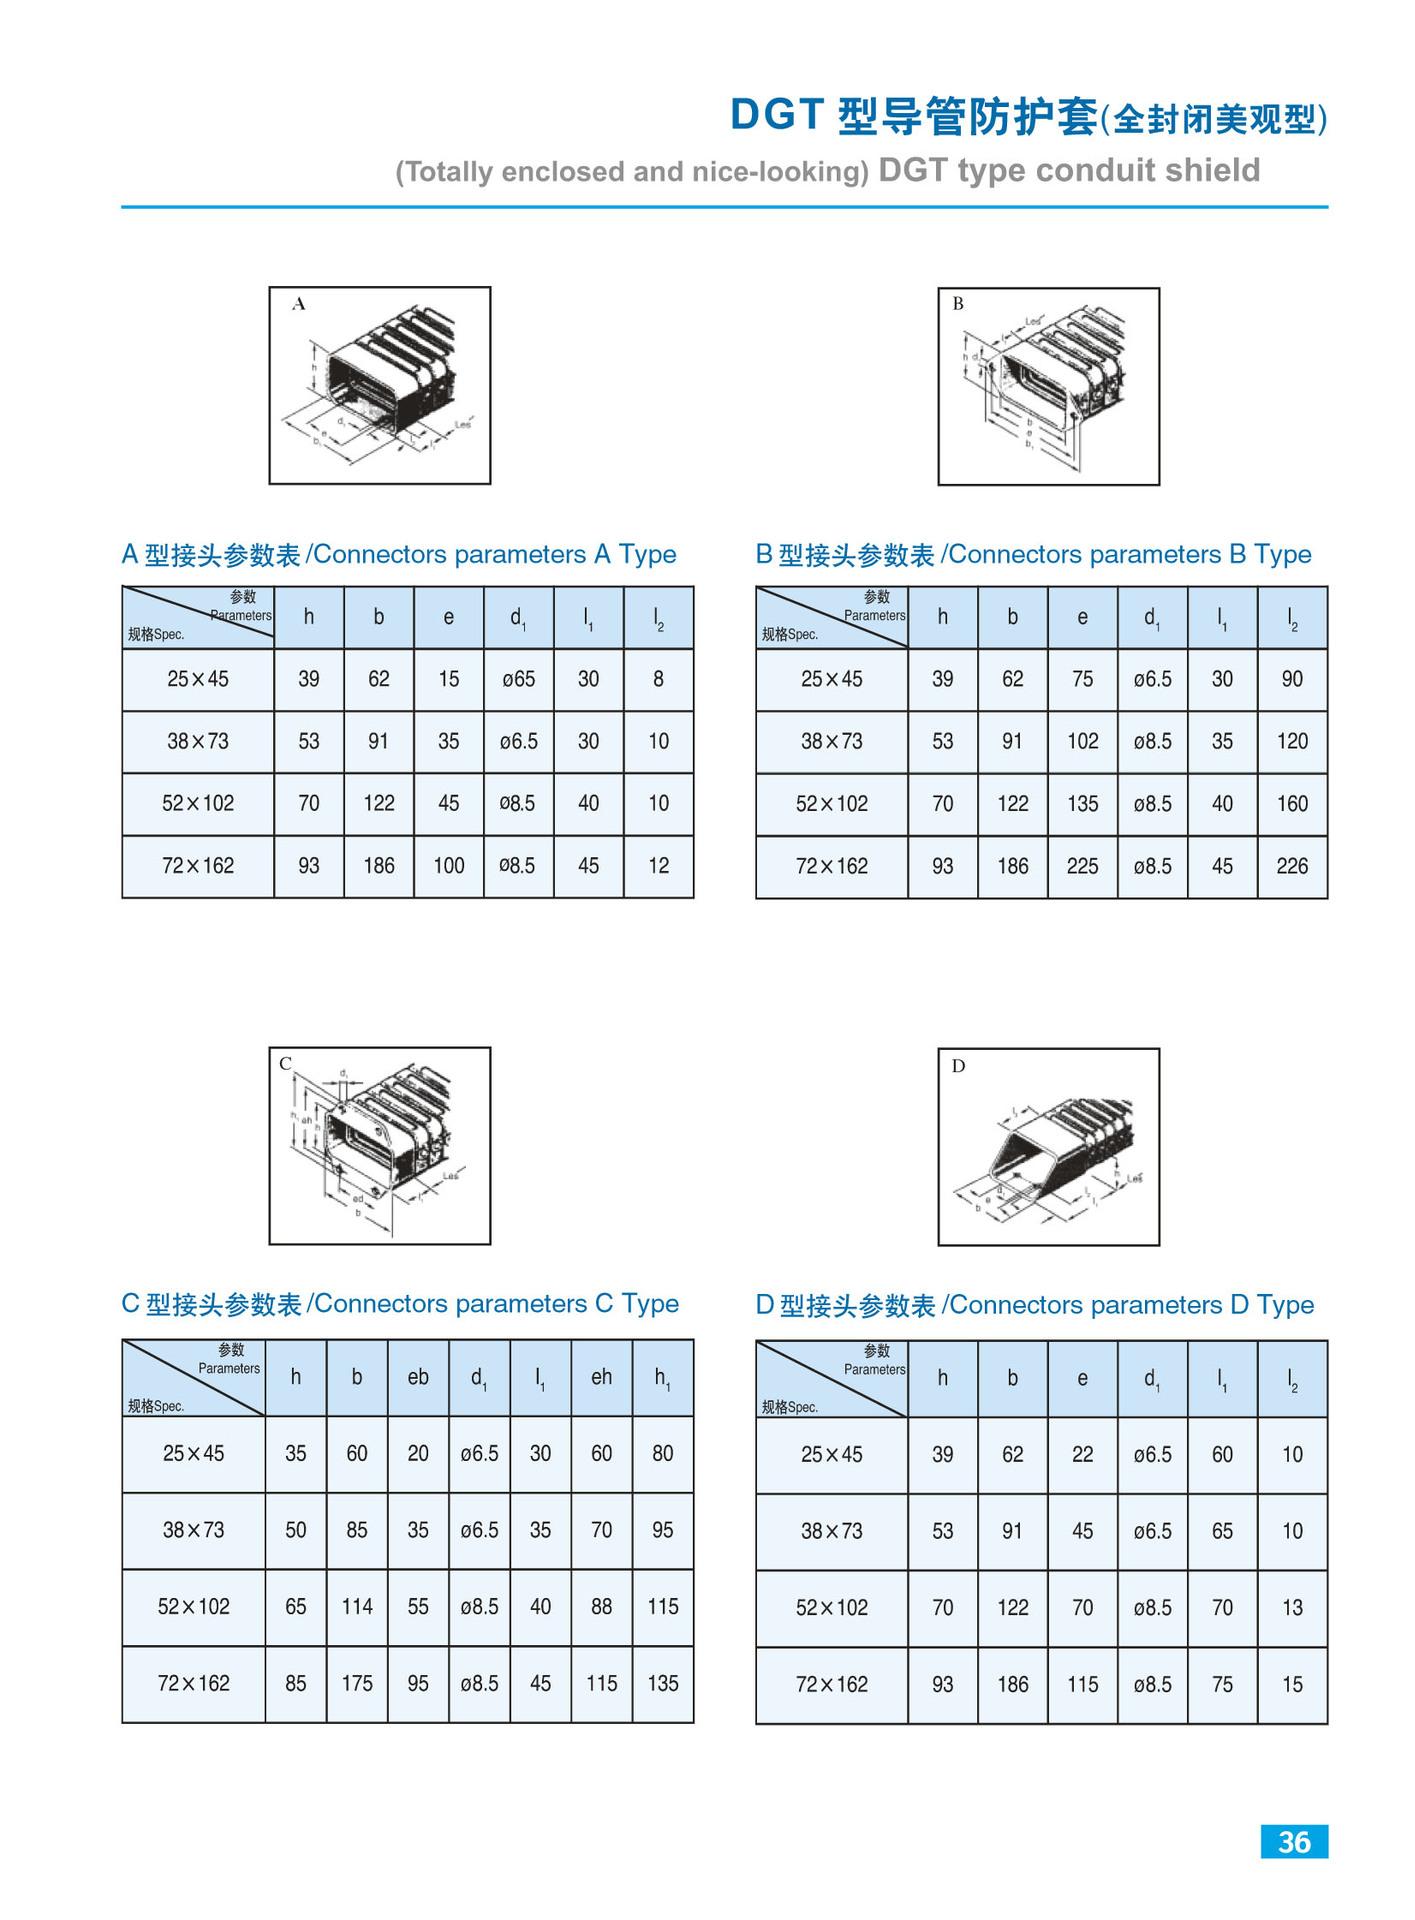 厂家直销大量供应导管防护罩 穿线导管防护套 低噪音DGT型导管保护套示例图2